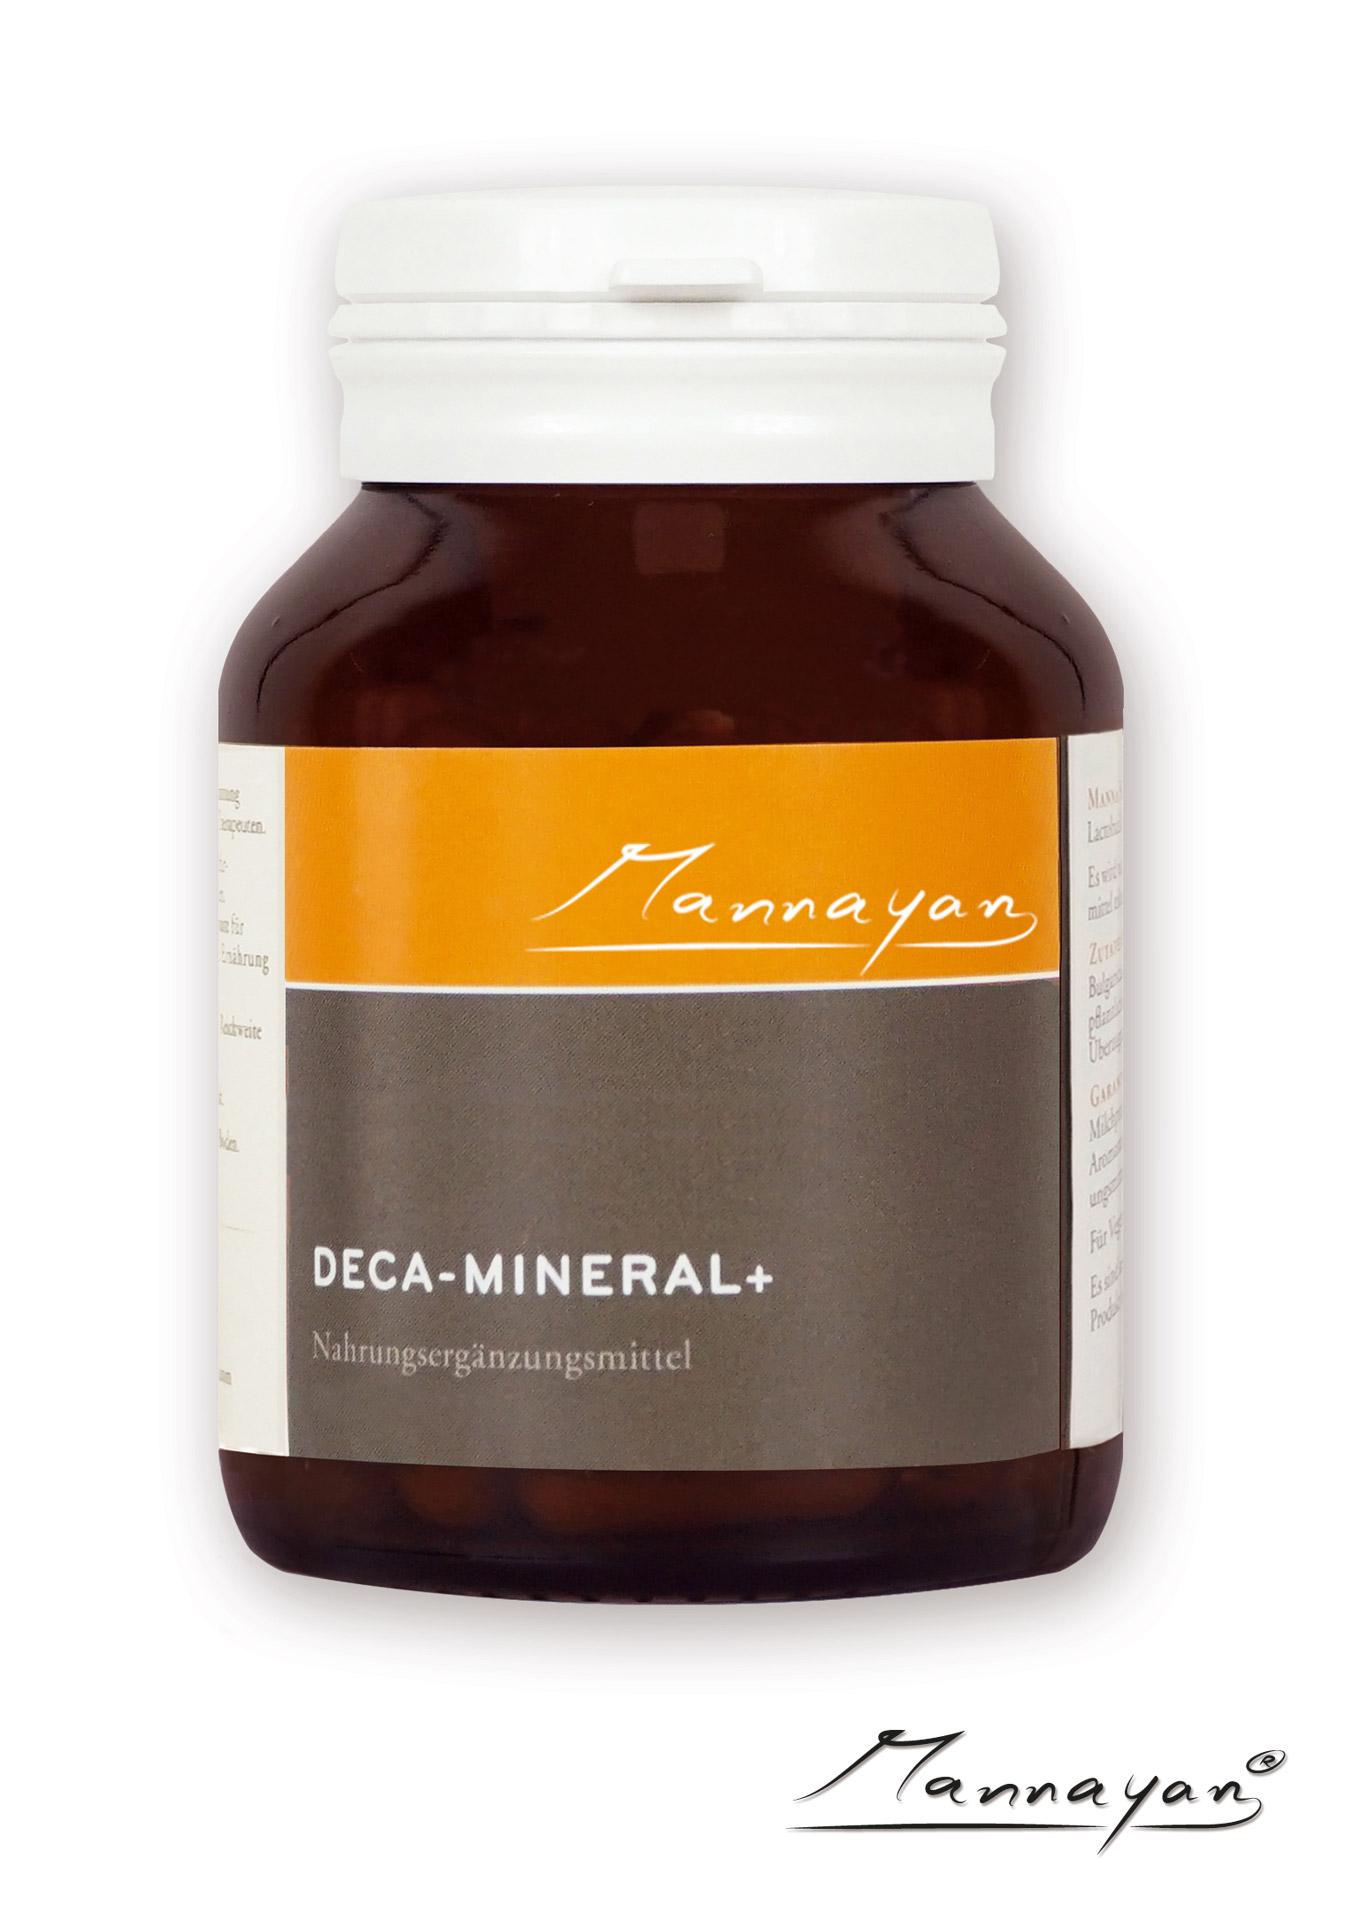 Deca-Mineral+ von Mannayan